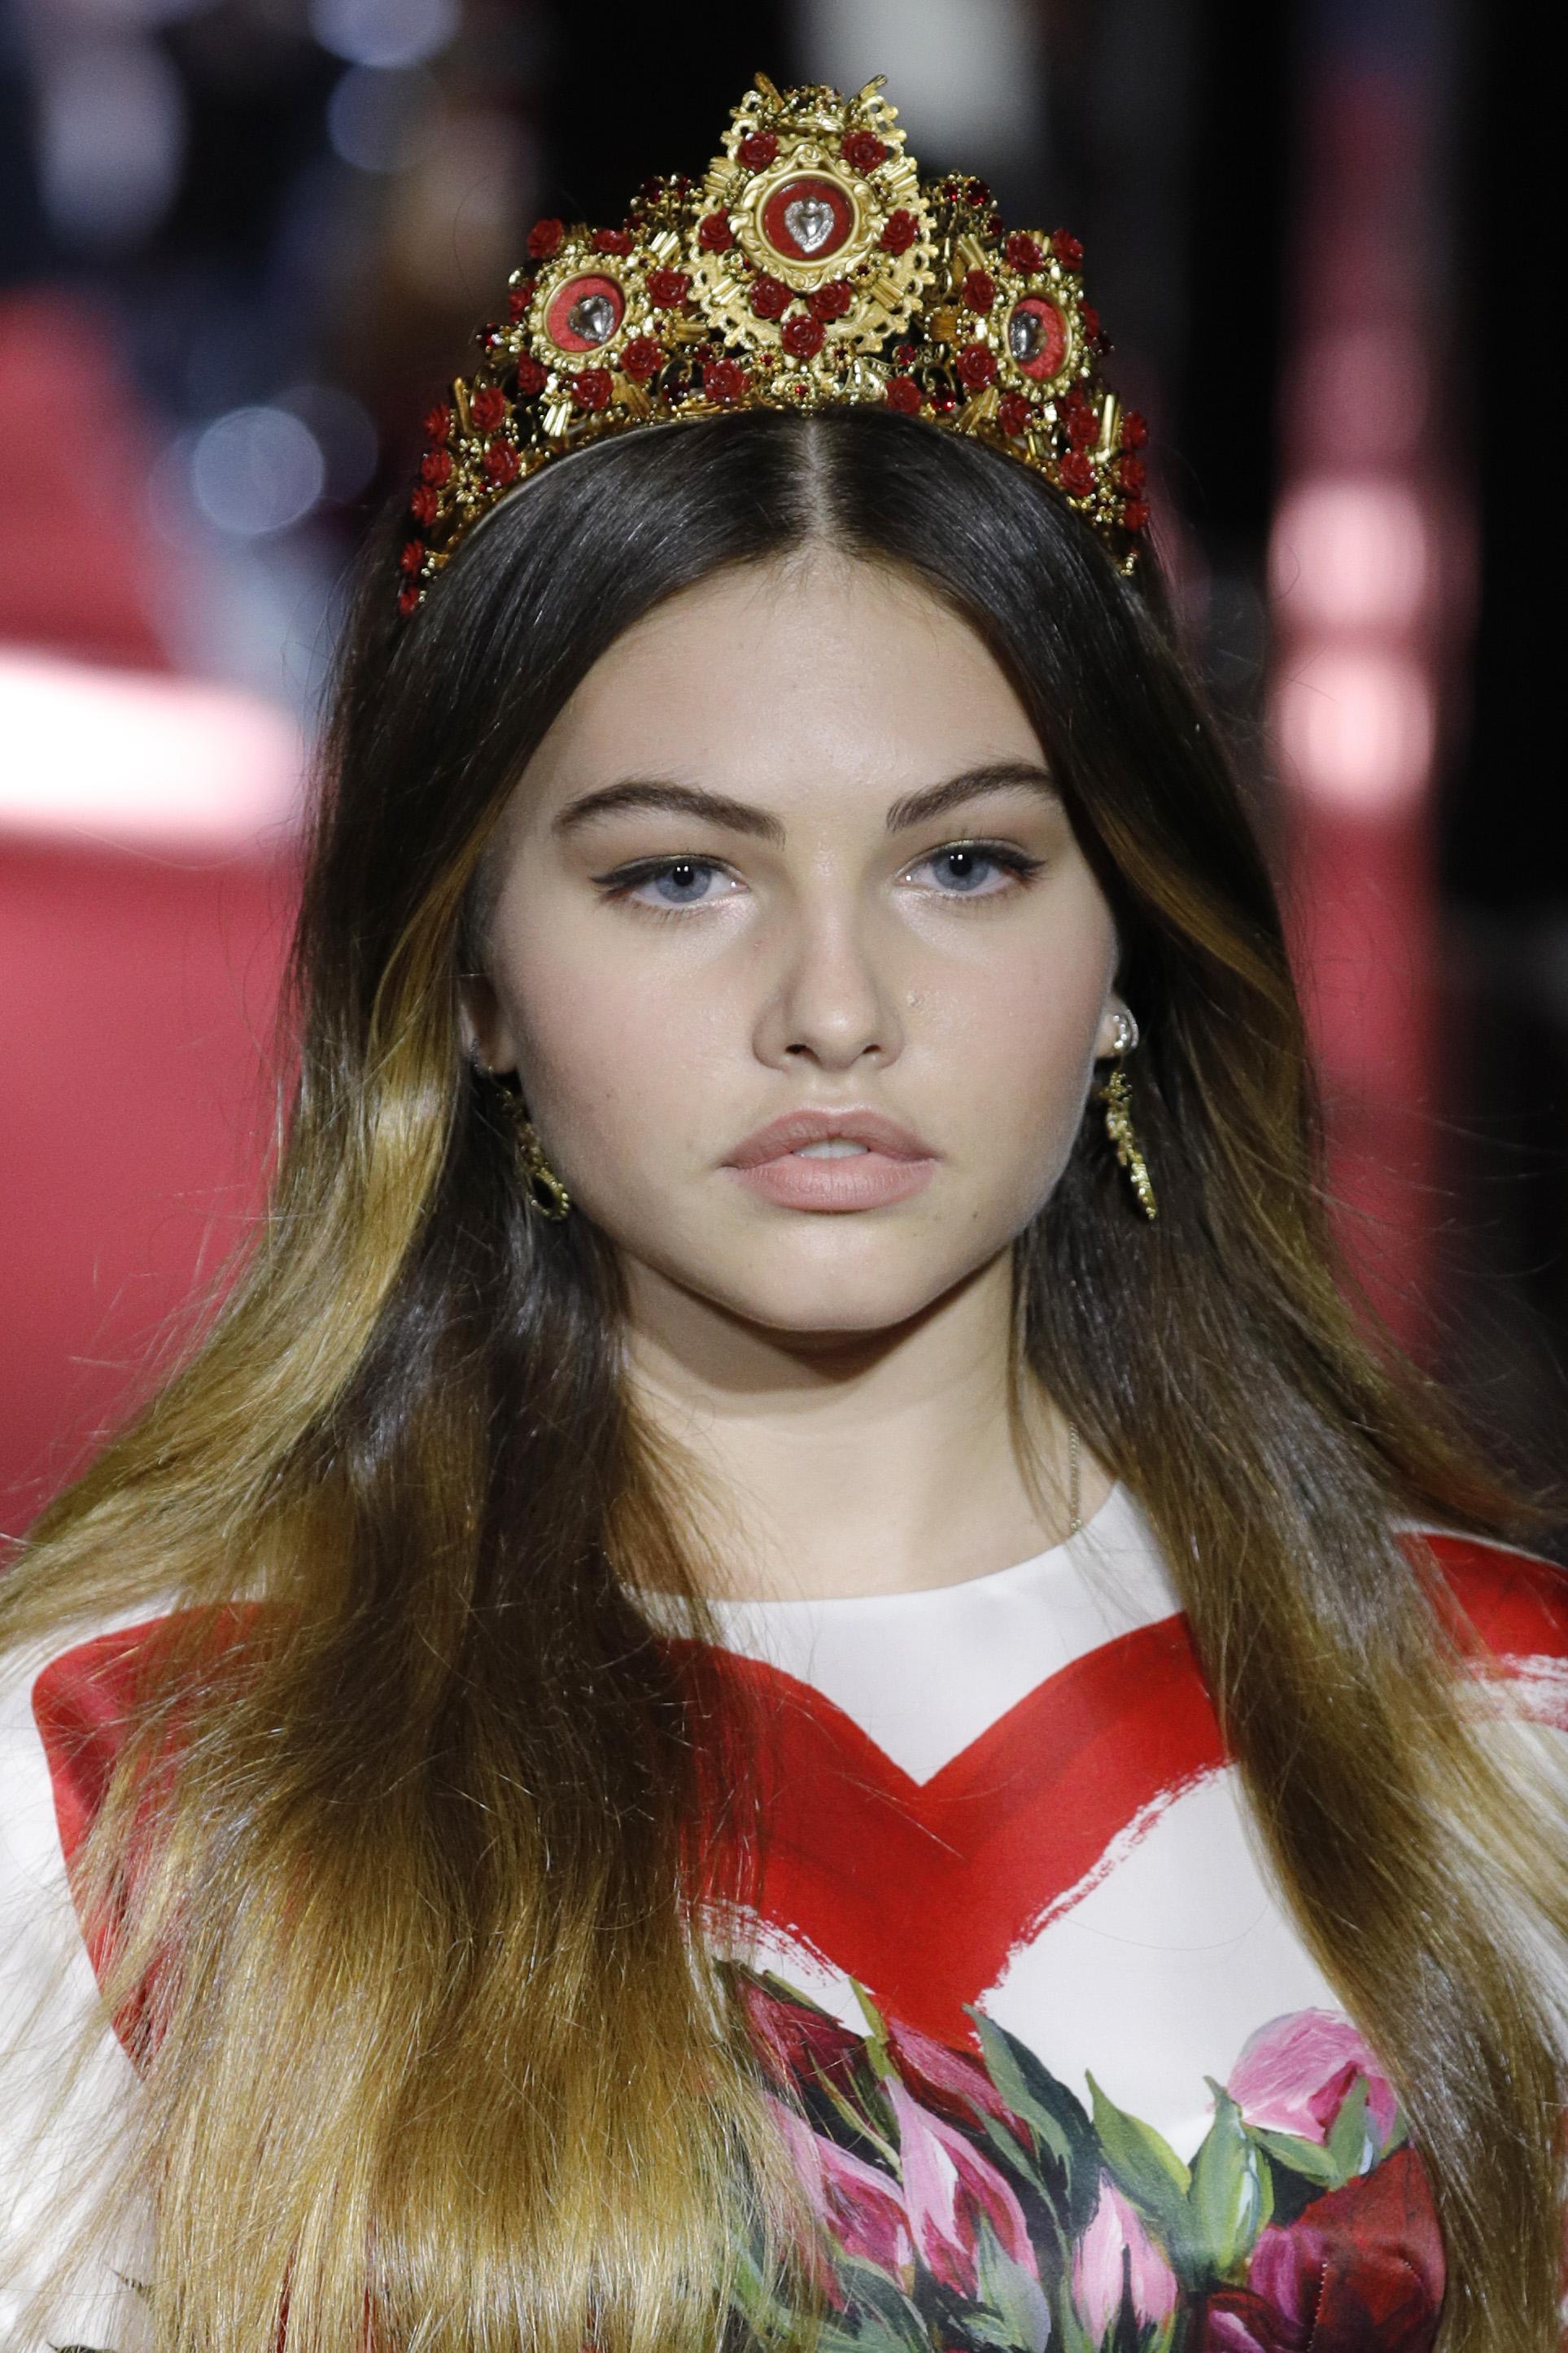 """Най-красивото момиче на света, Тилан Блондо, короновано на 6-годишна възраст, отново грабна титлата, 11 години по-късно. Французойката Тилан с изненада узна, че и на 17-годишна възраст е спечелила короната. Тя е дъщеря на футболиста Патрик Блондо и на дизайнерката Вероника Лубиан. Красавицата в момента е модел, лансирала е собствена модна линия - """"Хевън мей клотинг"""" . Блондо е дефилирала на модния подиум за дизайнерите Жан-Пол Готие, Долче и Габана"""